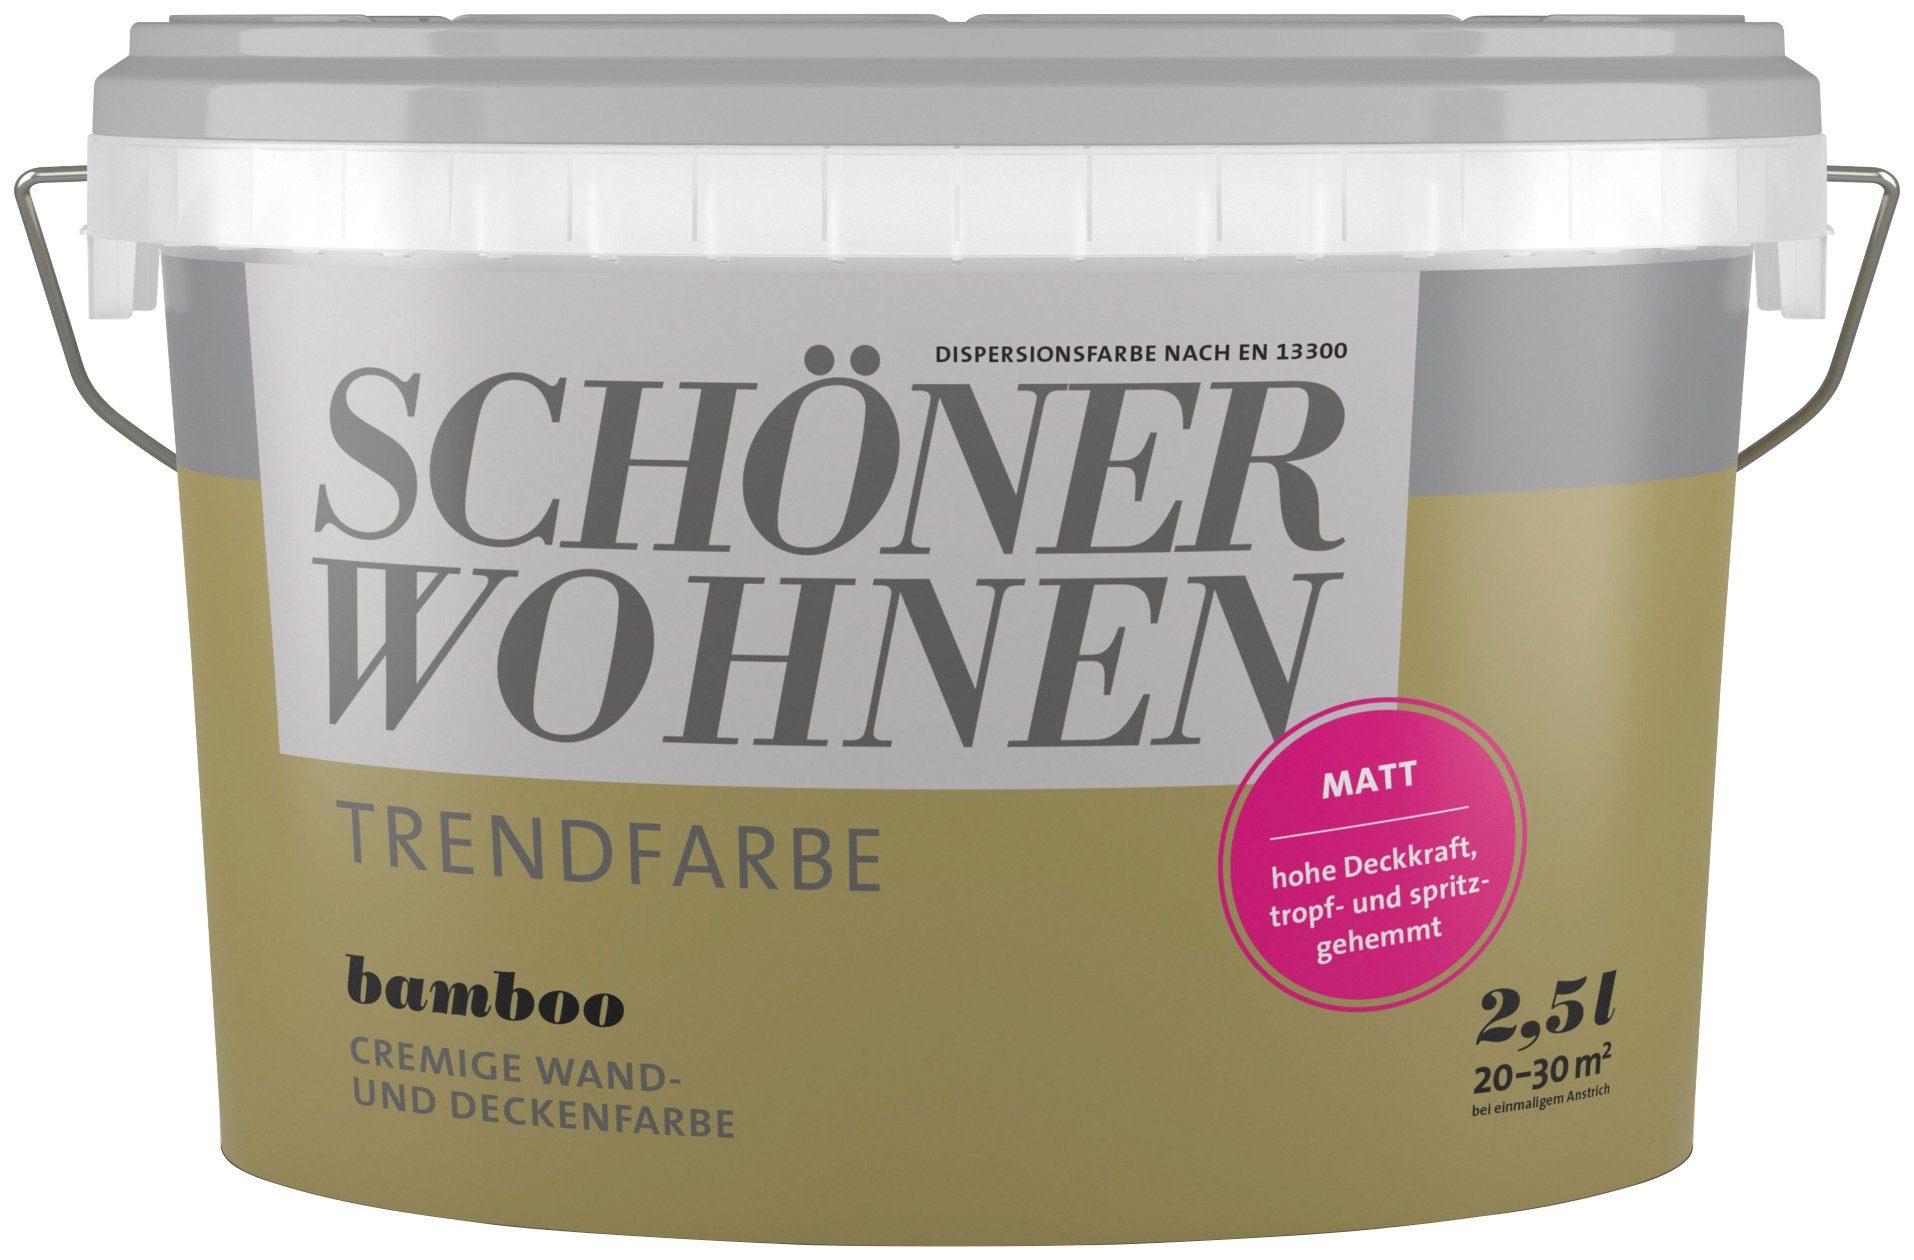 SCHÖNER WOHNEN FARBE Wand- und Deckenfarbe »Trendfarbe Bamboo, matt«, 2,5 l